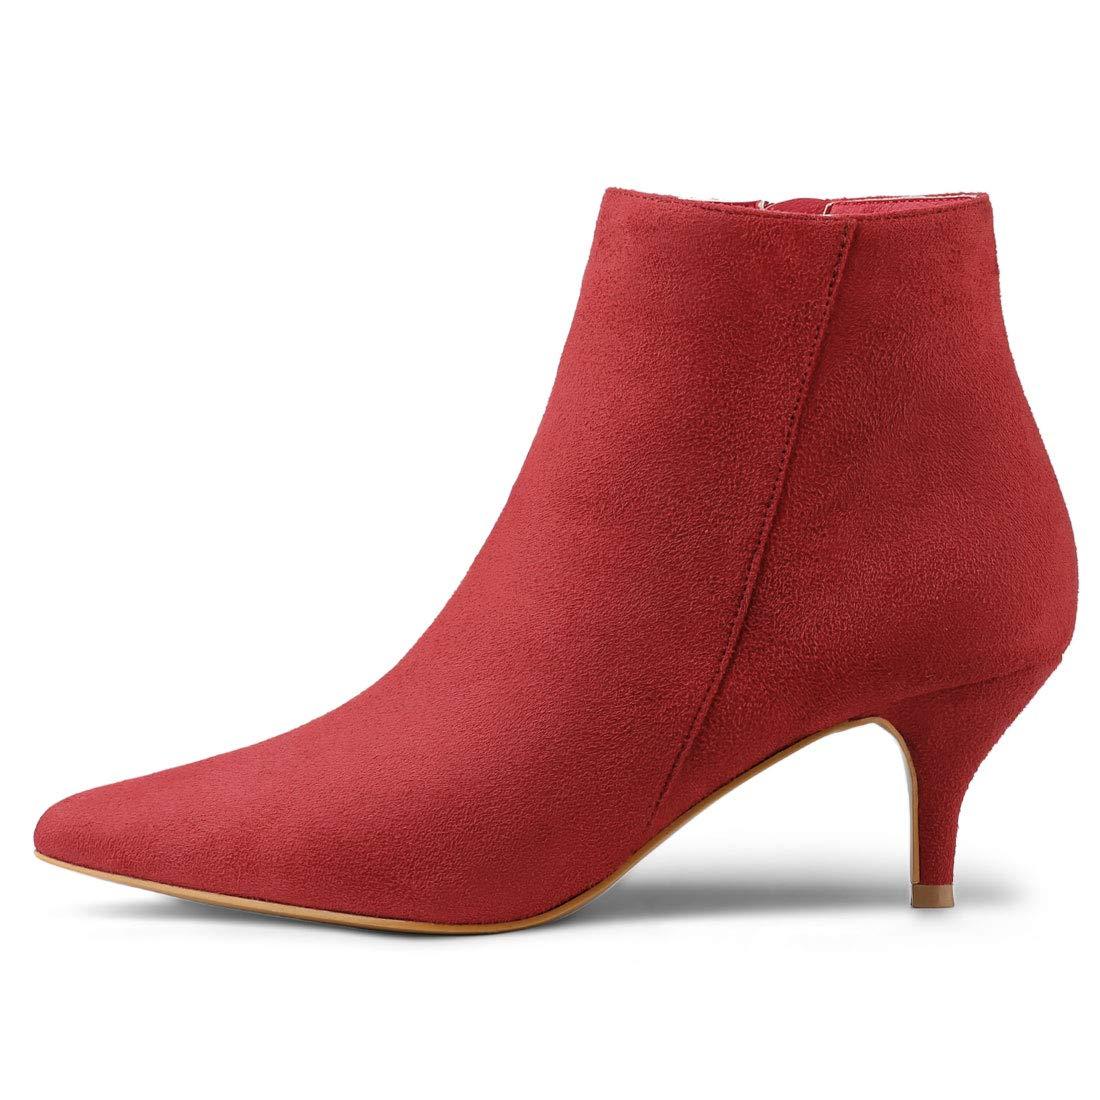 Allegra K Damen Damen Damen Pointed Toe Reißverschluss Stiletto Ankle Stiefel Stiefel 06a6fd